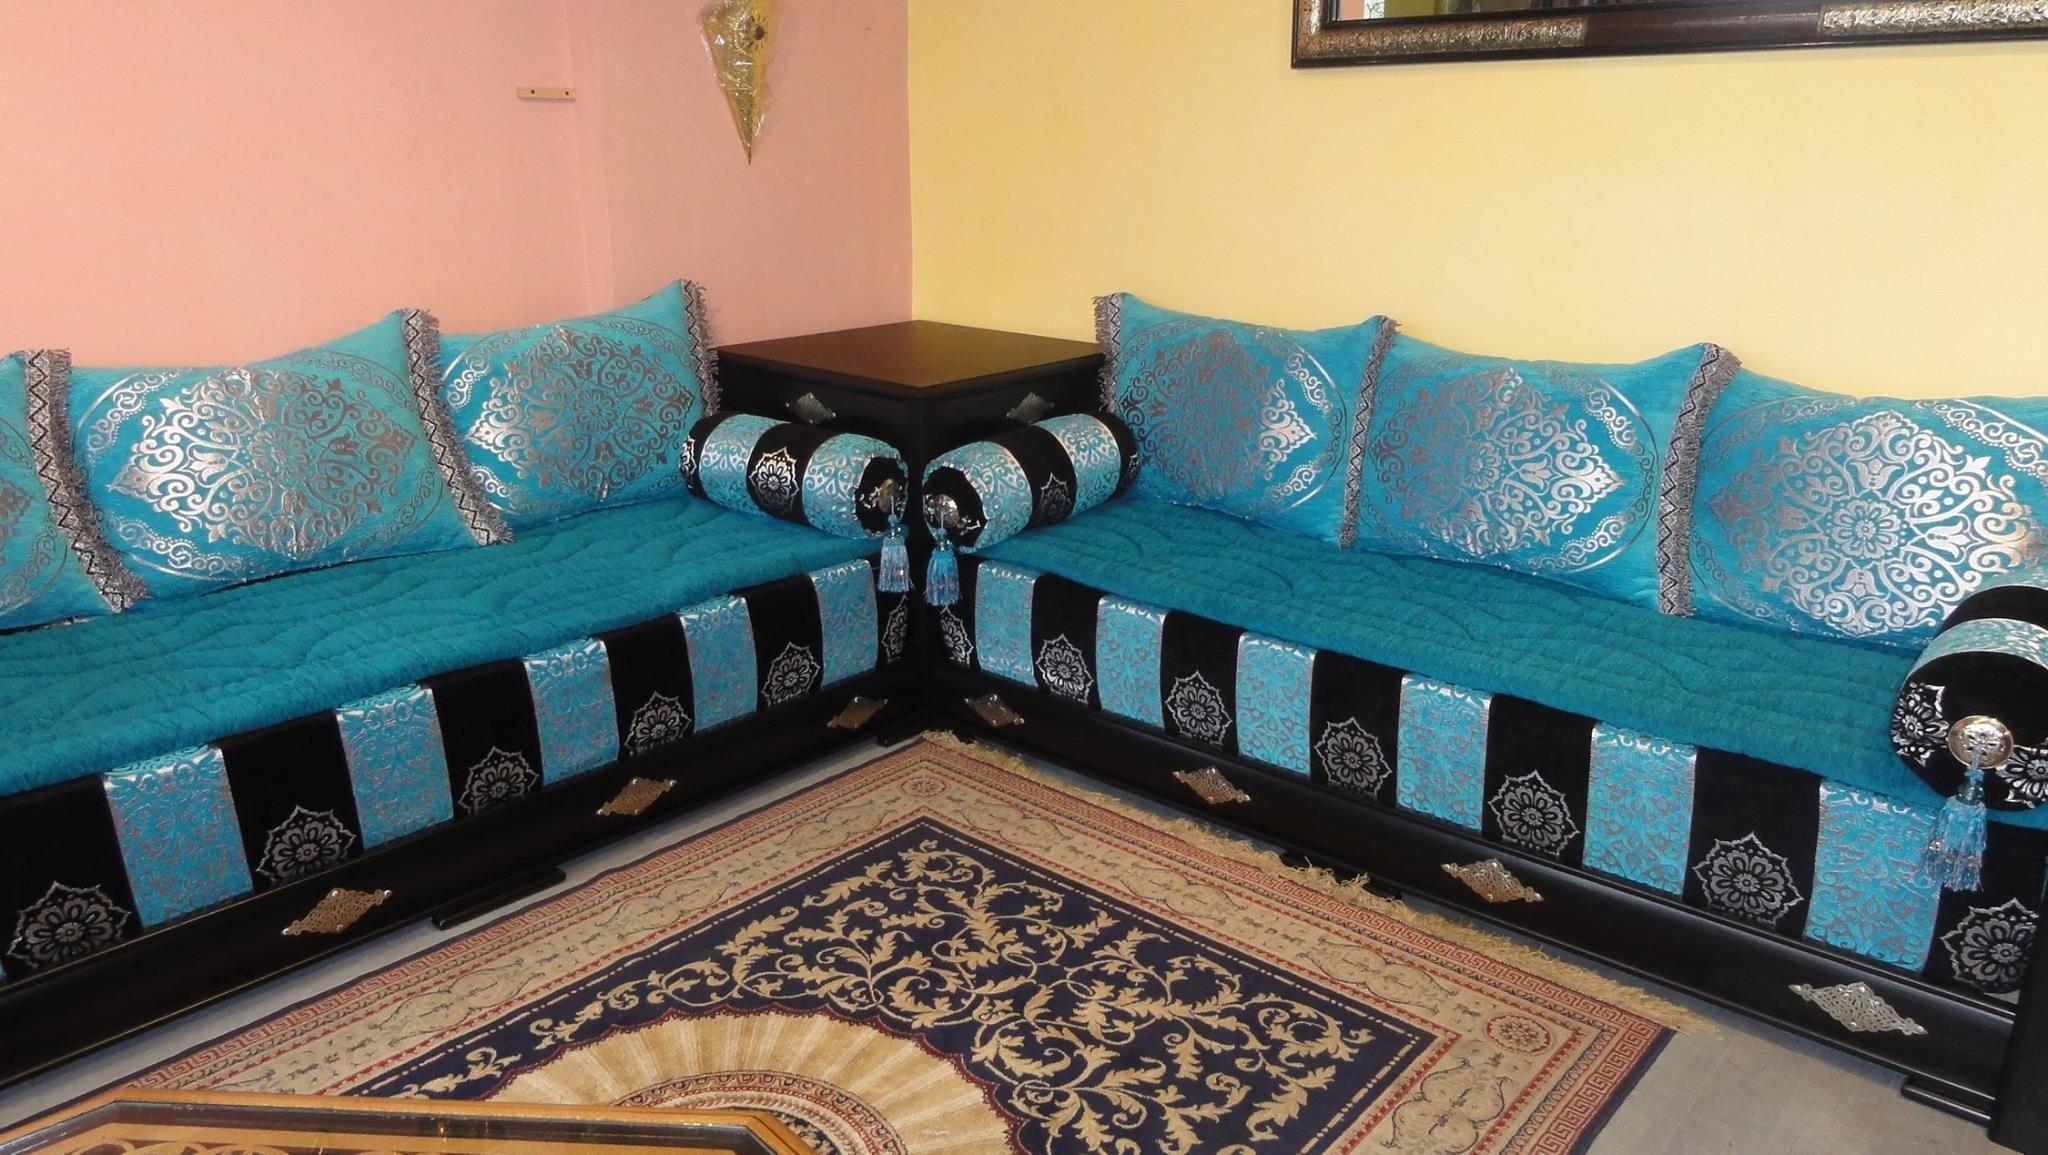 Salon marocain and Salons on Pinterest